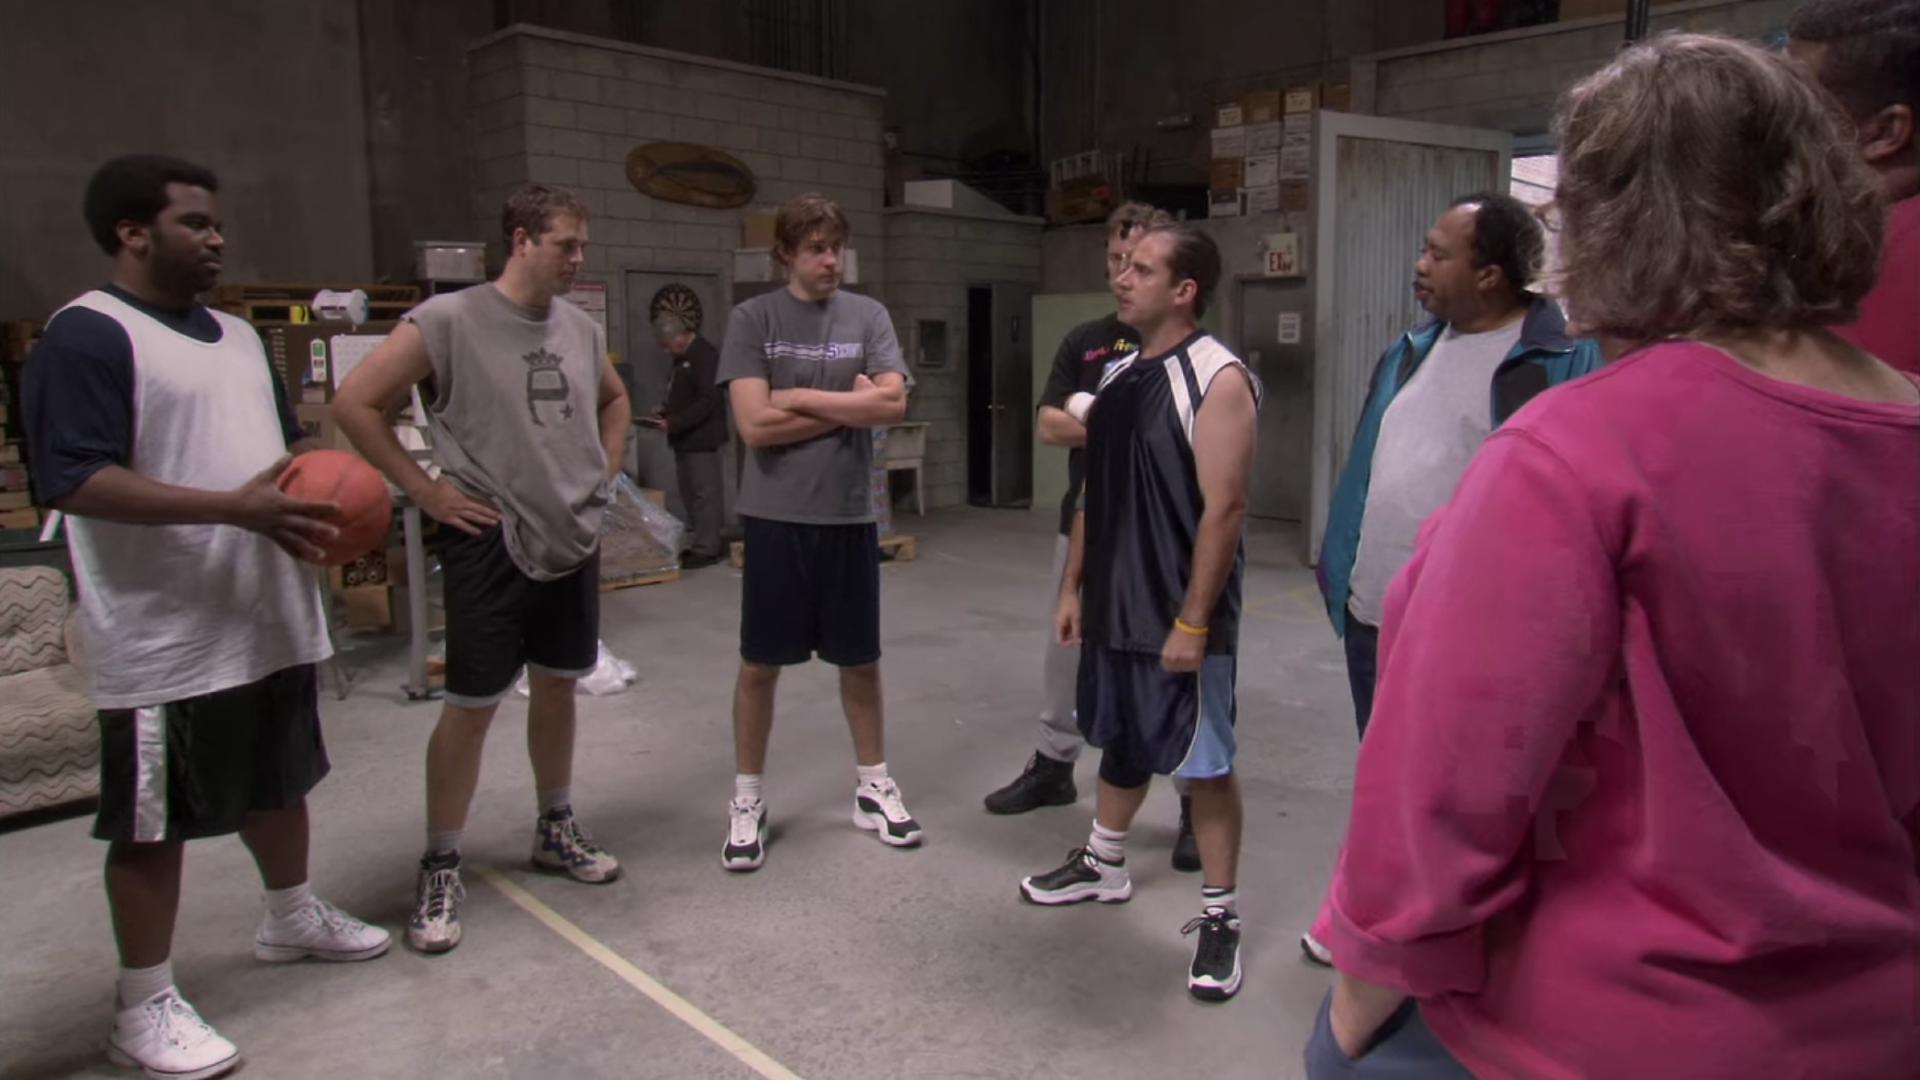 Seis cosas que no sabías del episodio del juego de baloncesto 'The Office' 11